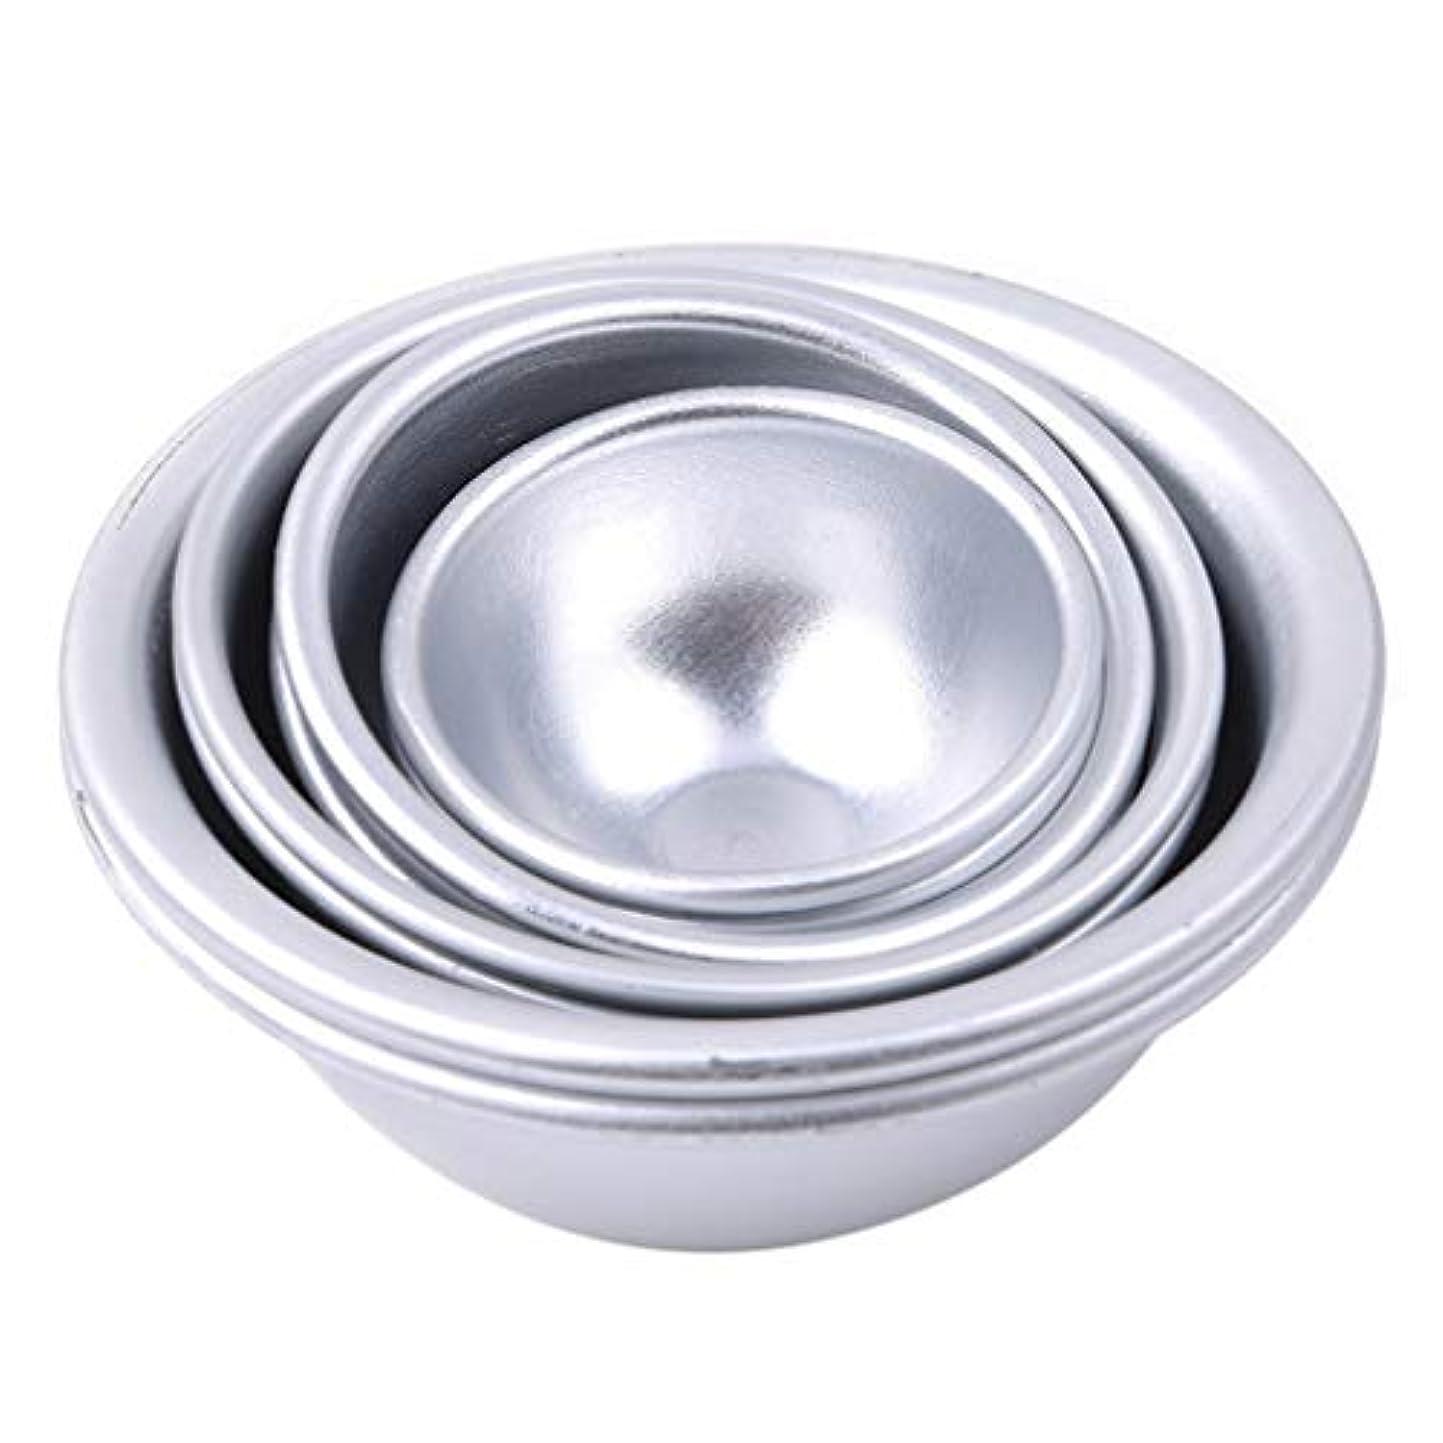 四半期集計比率Toporchid Diy風呂ボール型アルミ合金入浴ボール手作り石鹸ケーキパンベーキングモールドペストリー作りツール(style2)